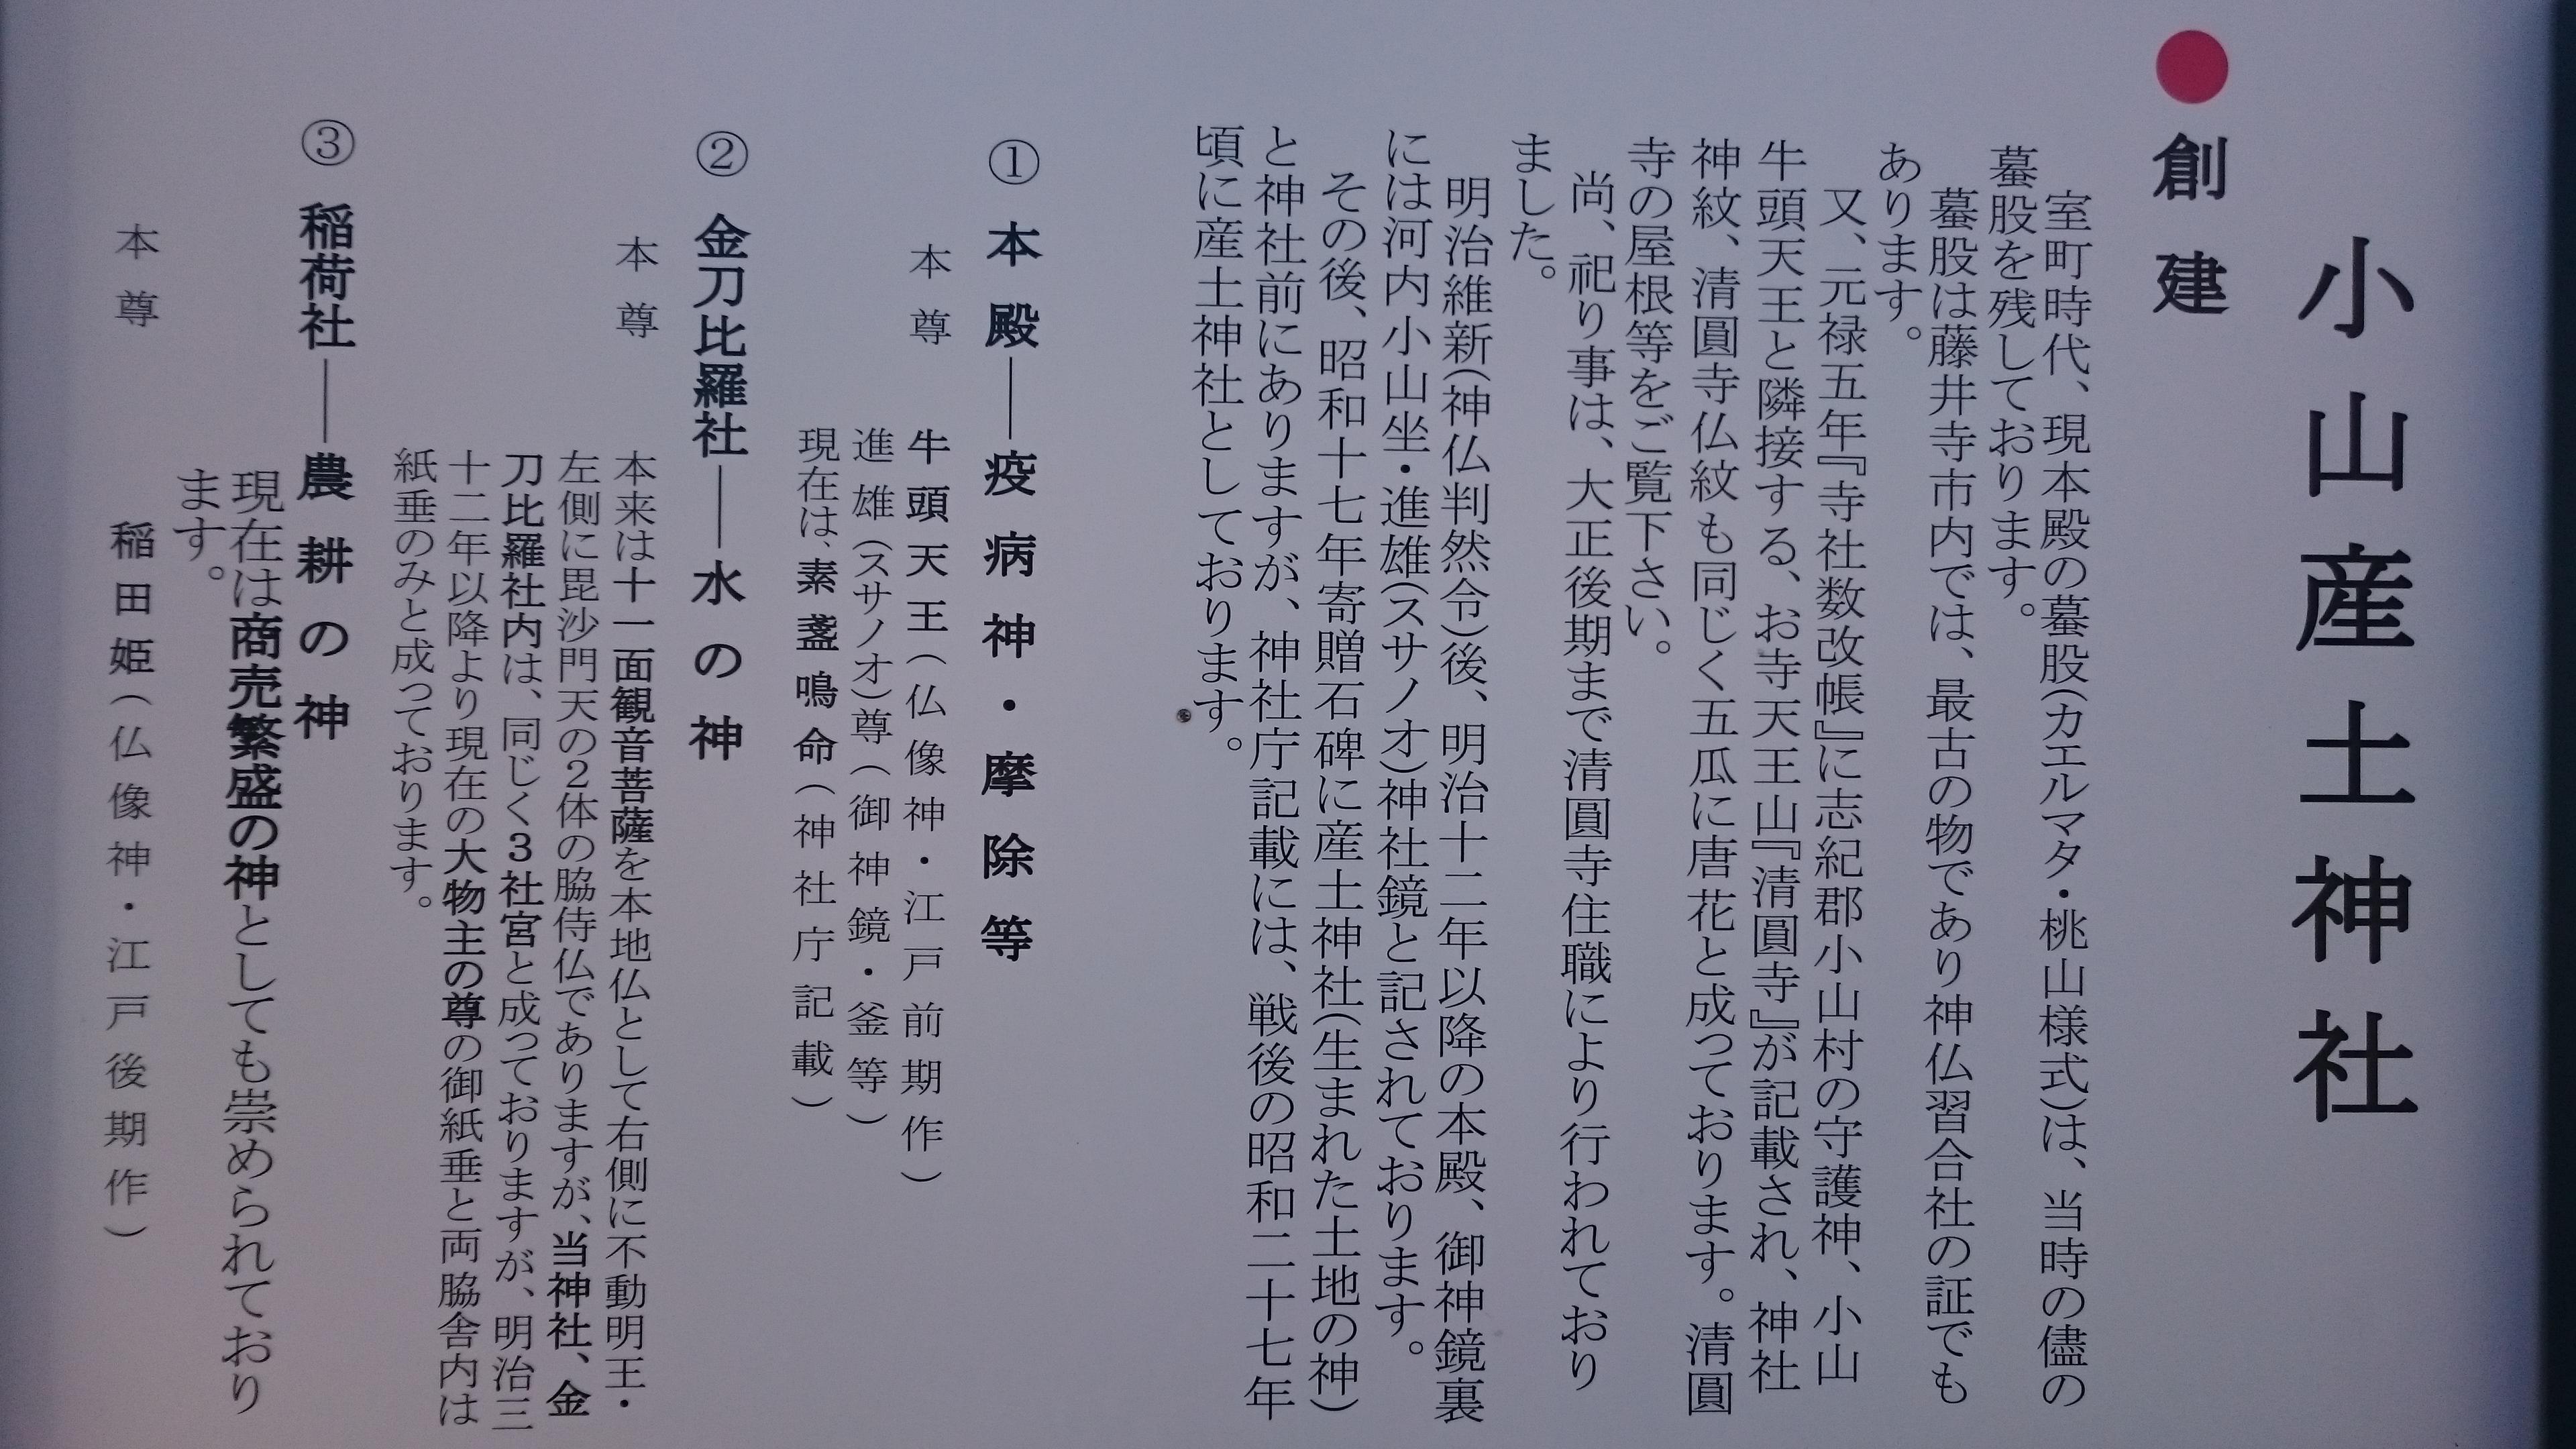 小山産土神社の歴史